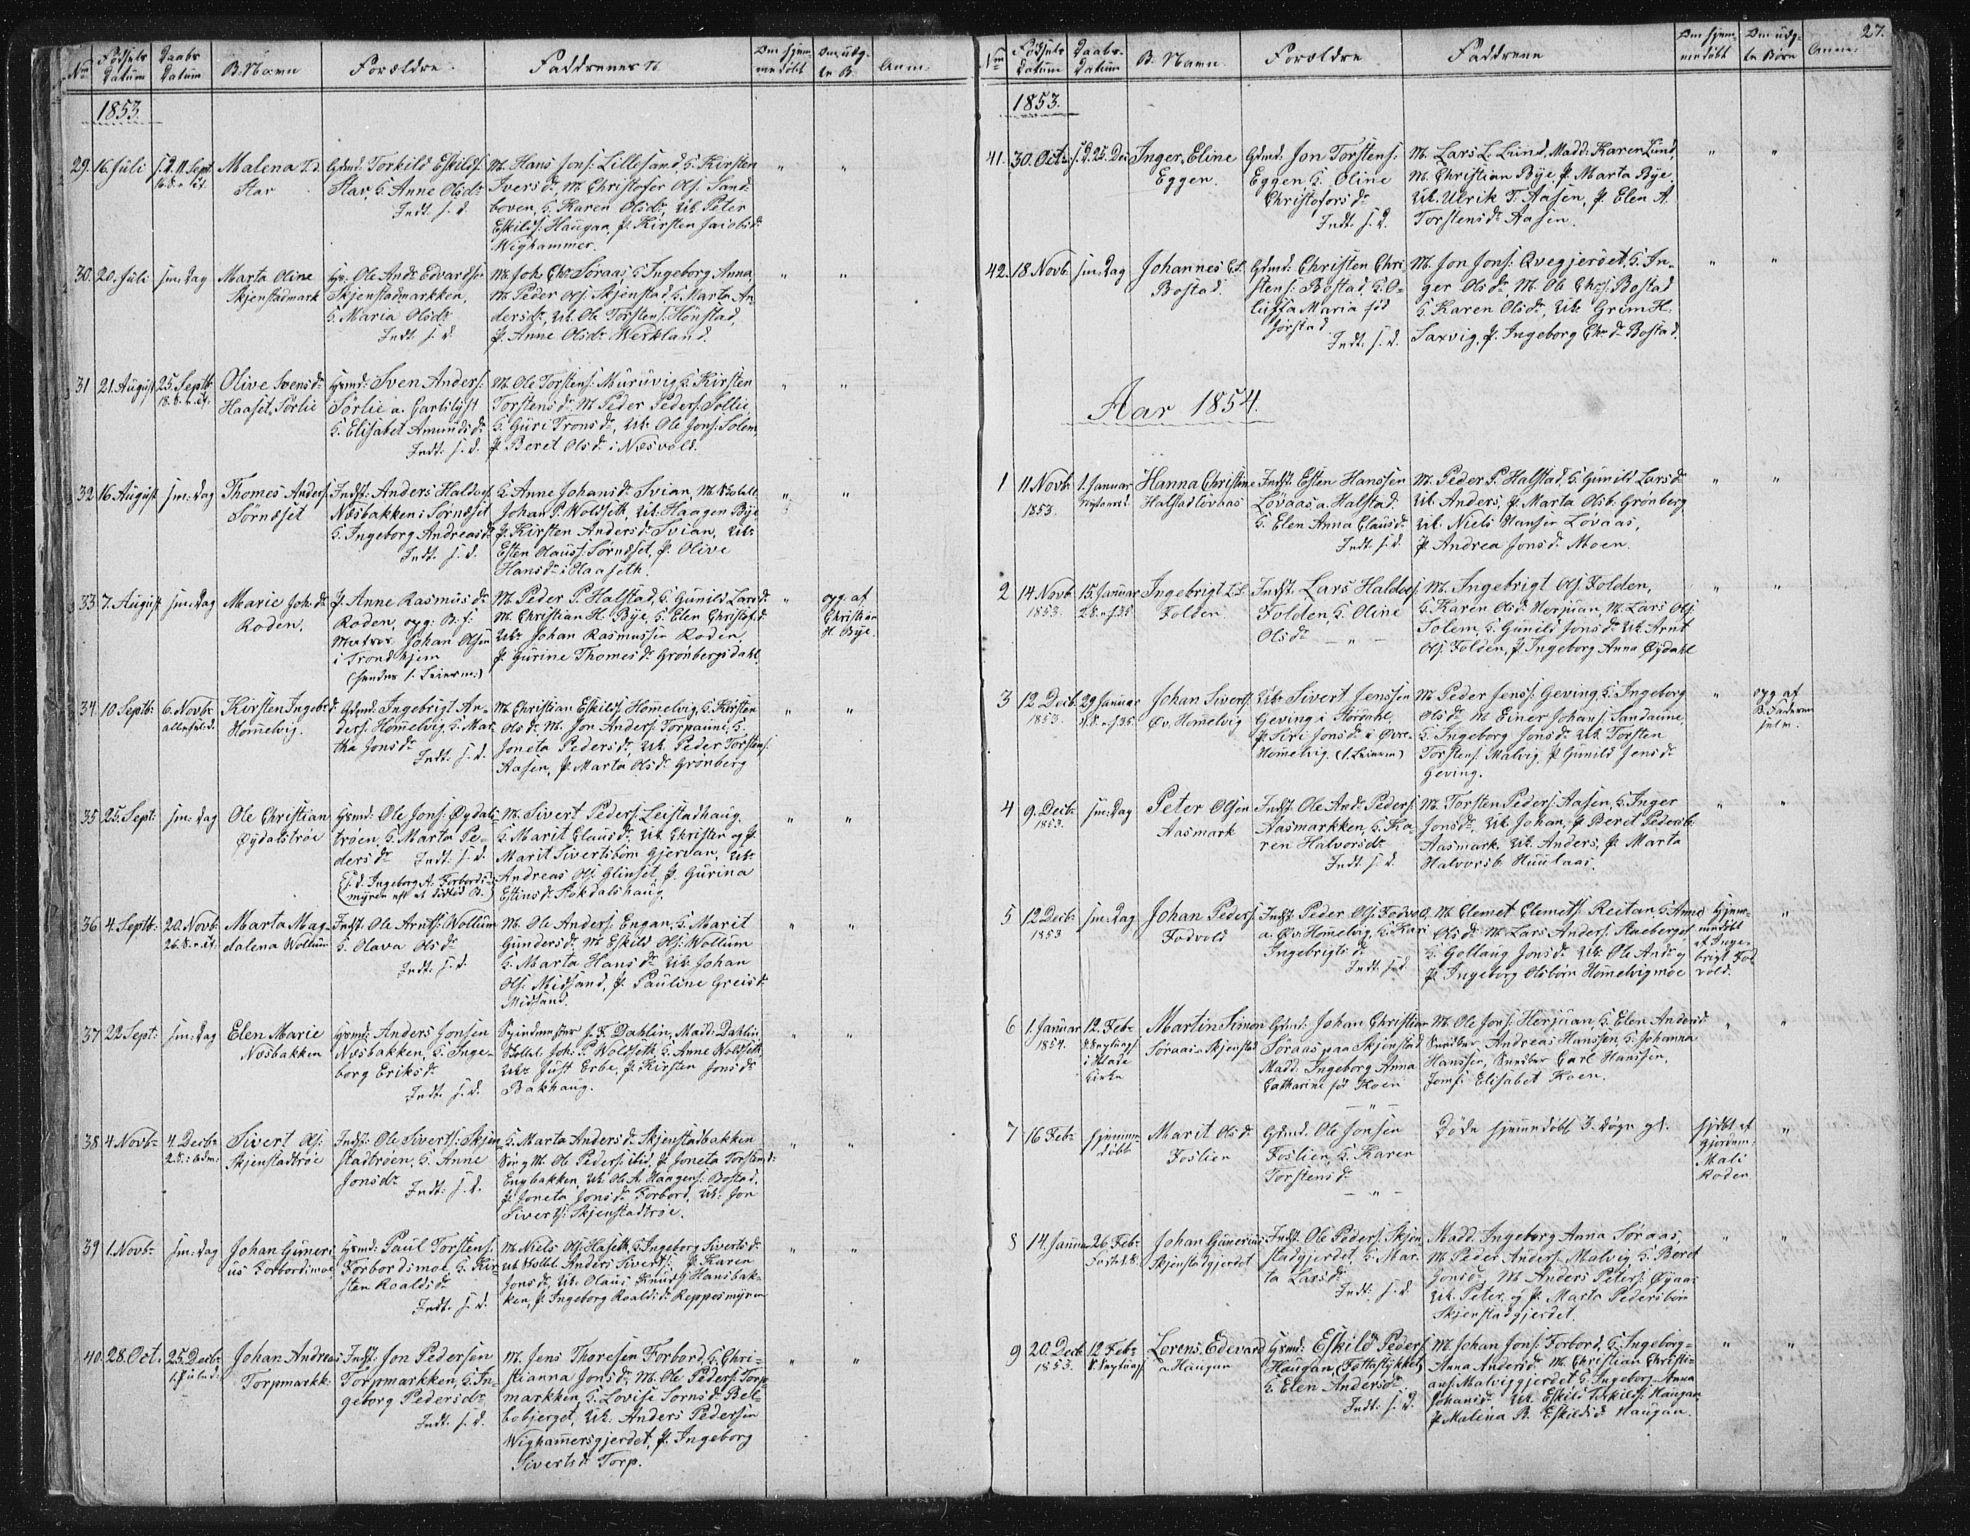 SAT, Ministerialprotokoller, klokkerbøker og fødselsregistre - Sør-Trøndelag, 616/L0406: Ministerialbok nr. 616A03, 1843-1879, s. 27